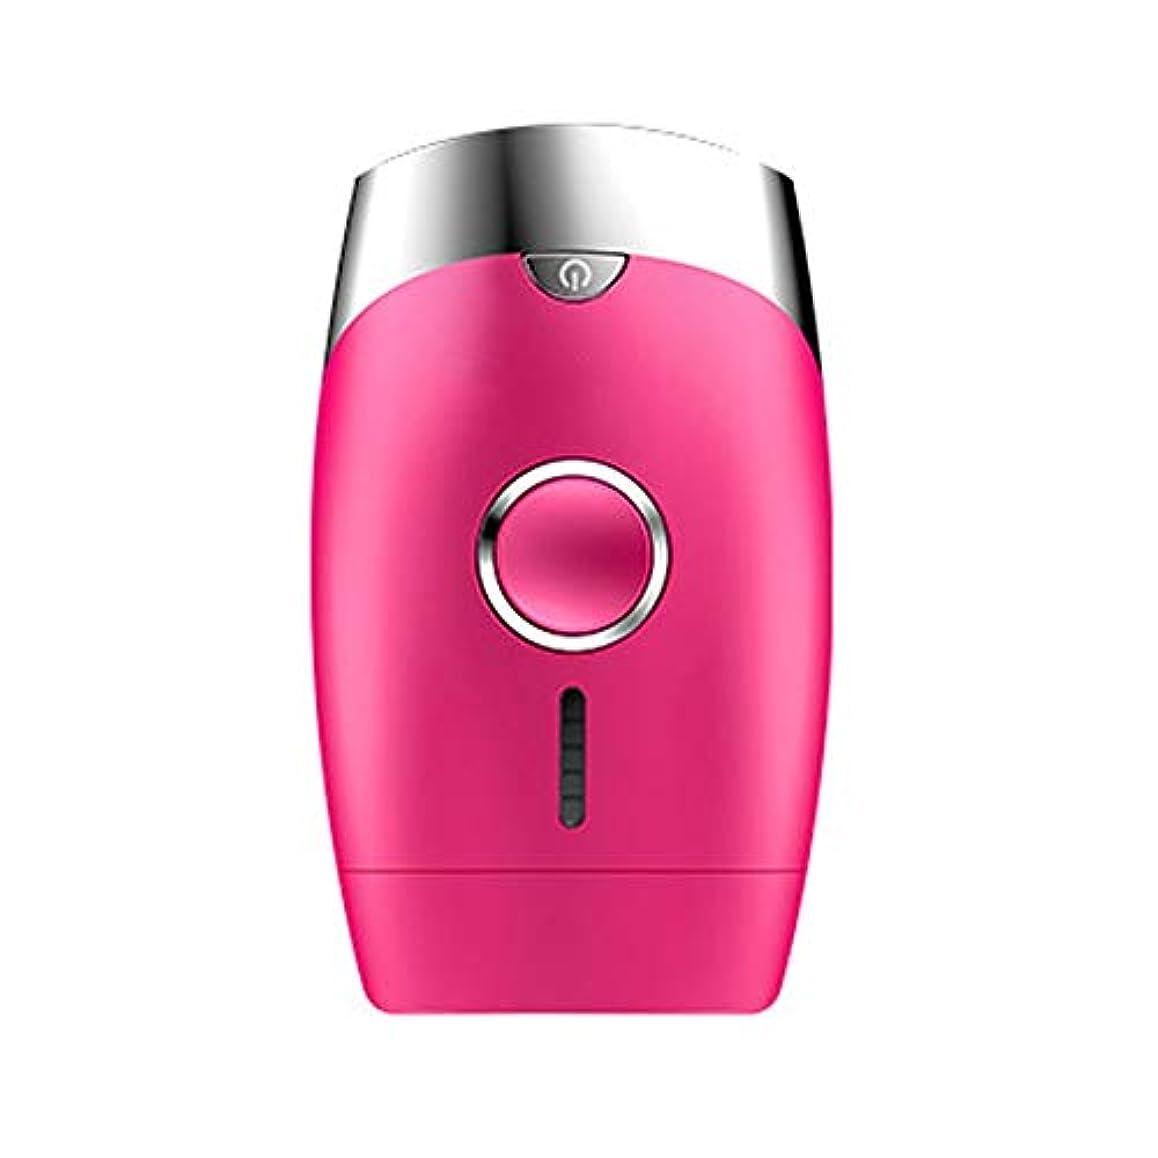 おもちゃ大宇宙接地Nuanxin ピンク、5スピード調整、インテリジェント家庭用痛みのない凝固点ヘアリムーバー、シングルフラッシュ/連続フラッシュ、サイズ13.9 X 8.3 X 4.8 Cm F30 (Color : Pink)